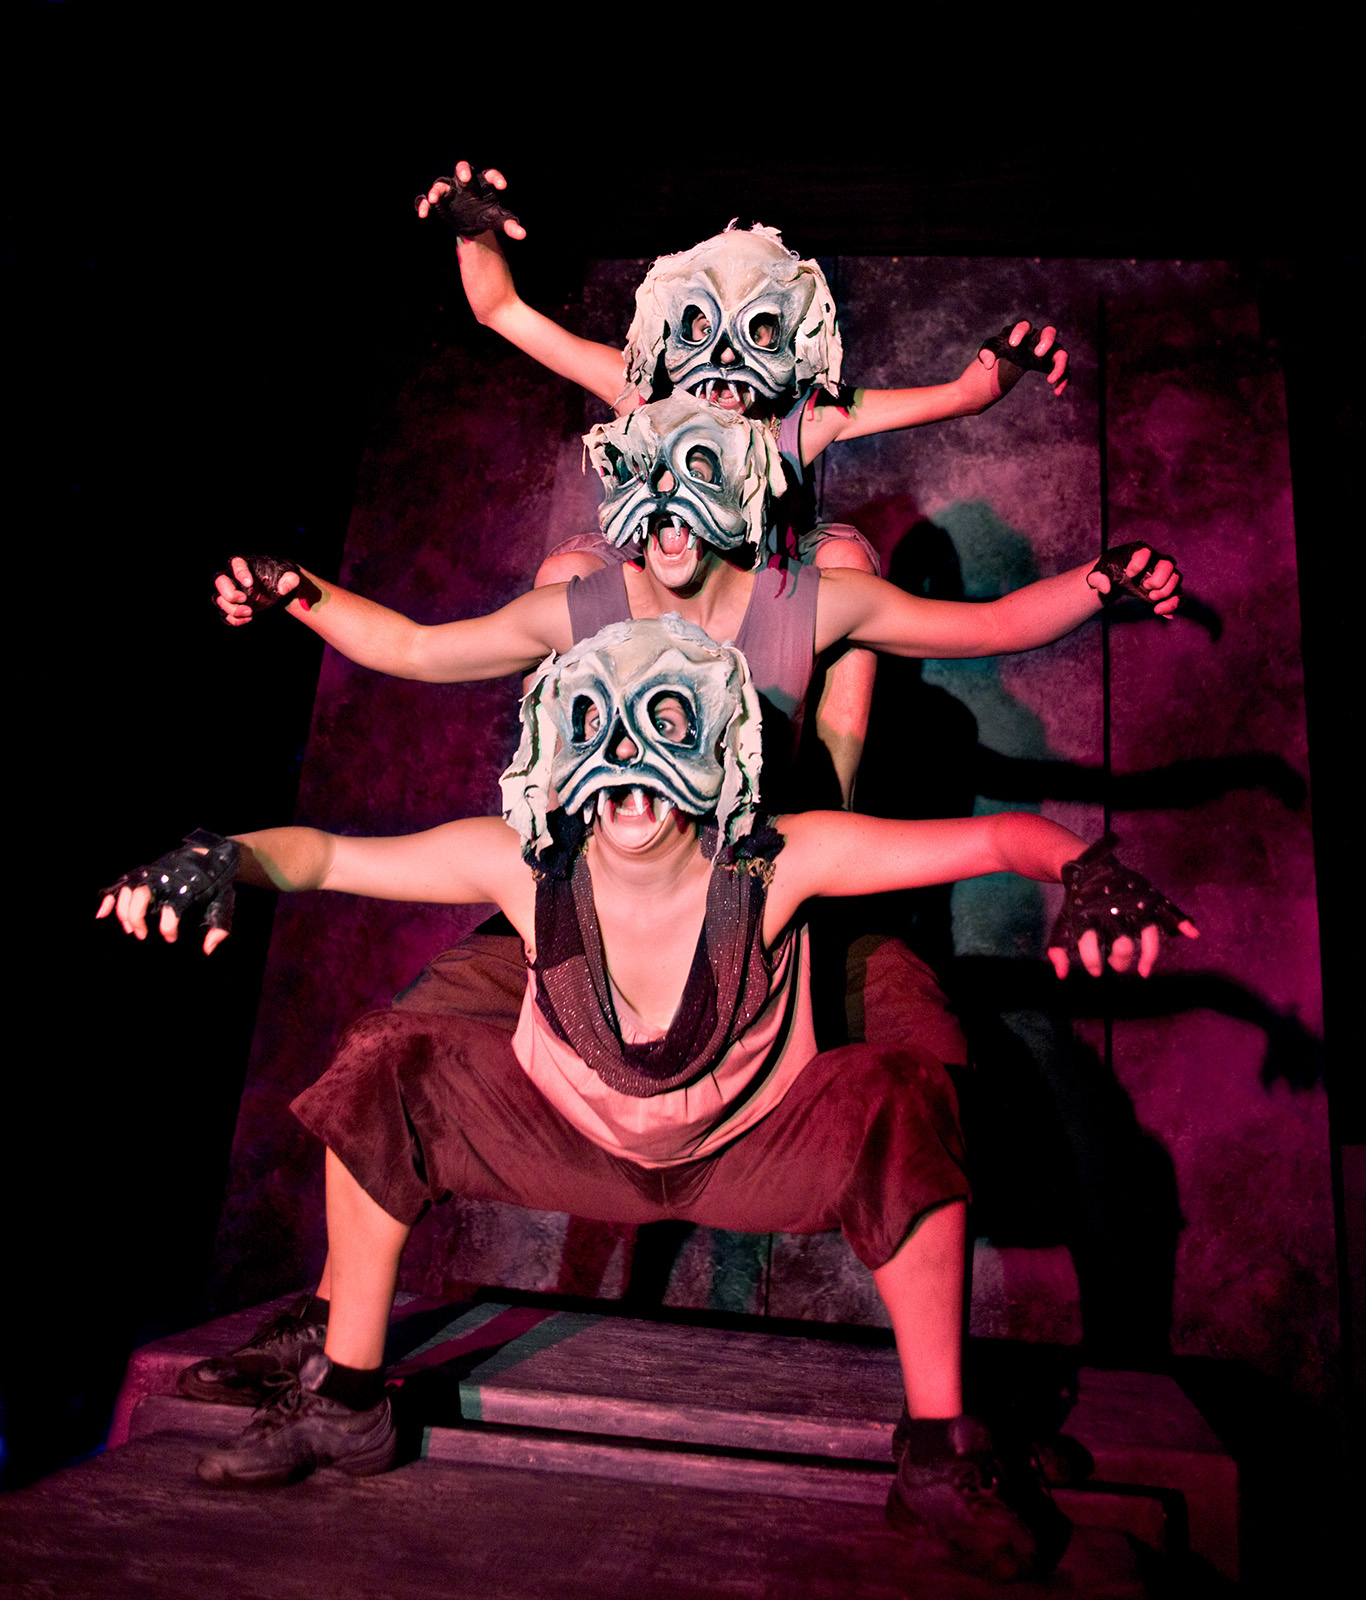 Orfeus, dödsriket tur och retur